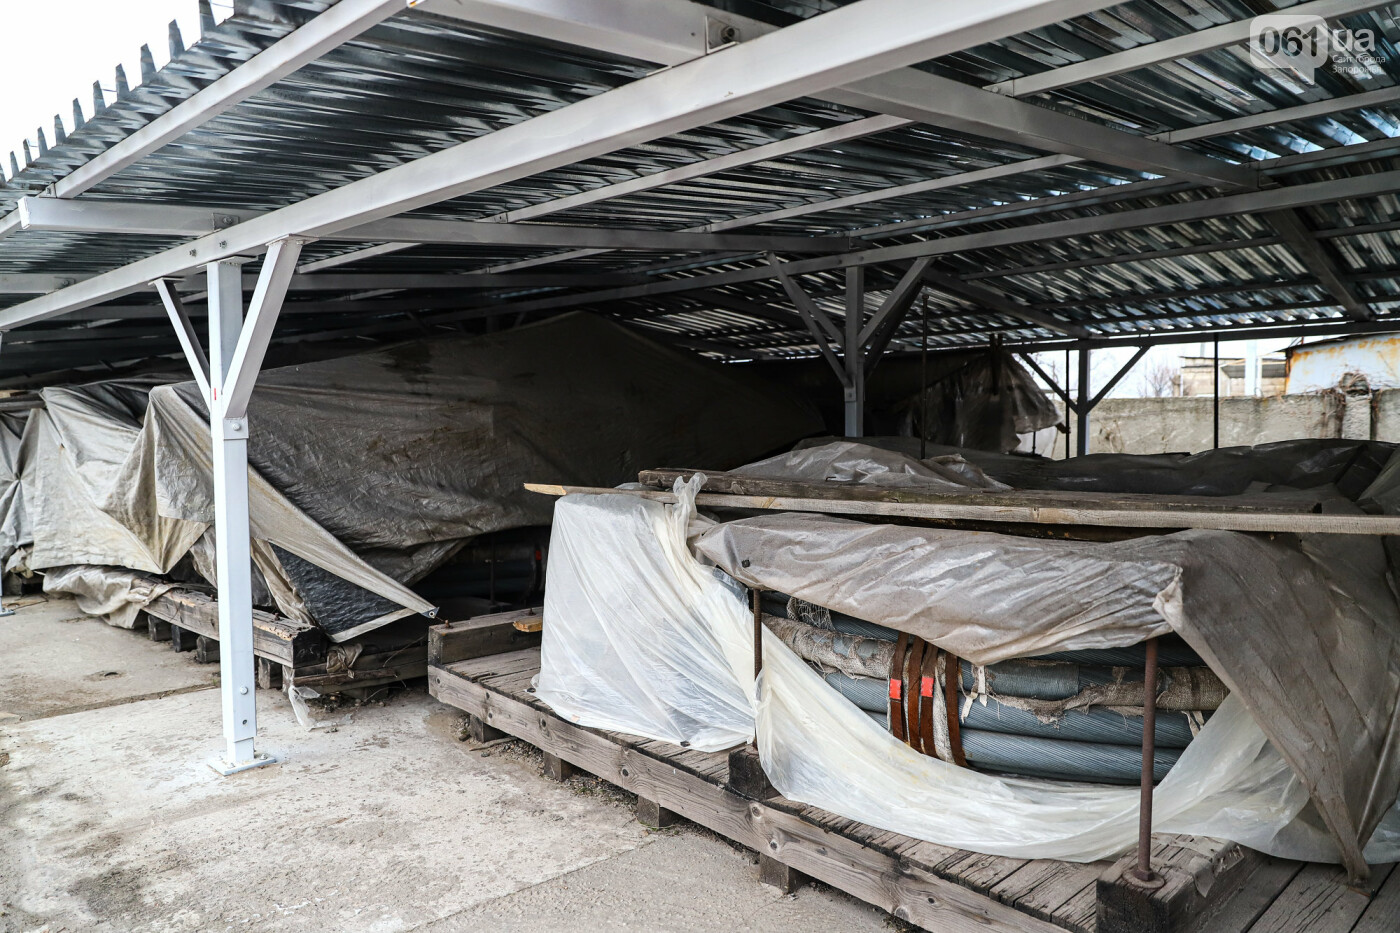 Кран с иностранной пропиской, ванты и металл: строительство запорожских мостов в фотографиях, фото-27